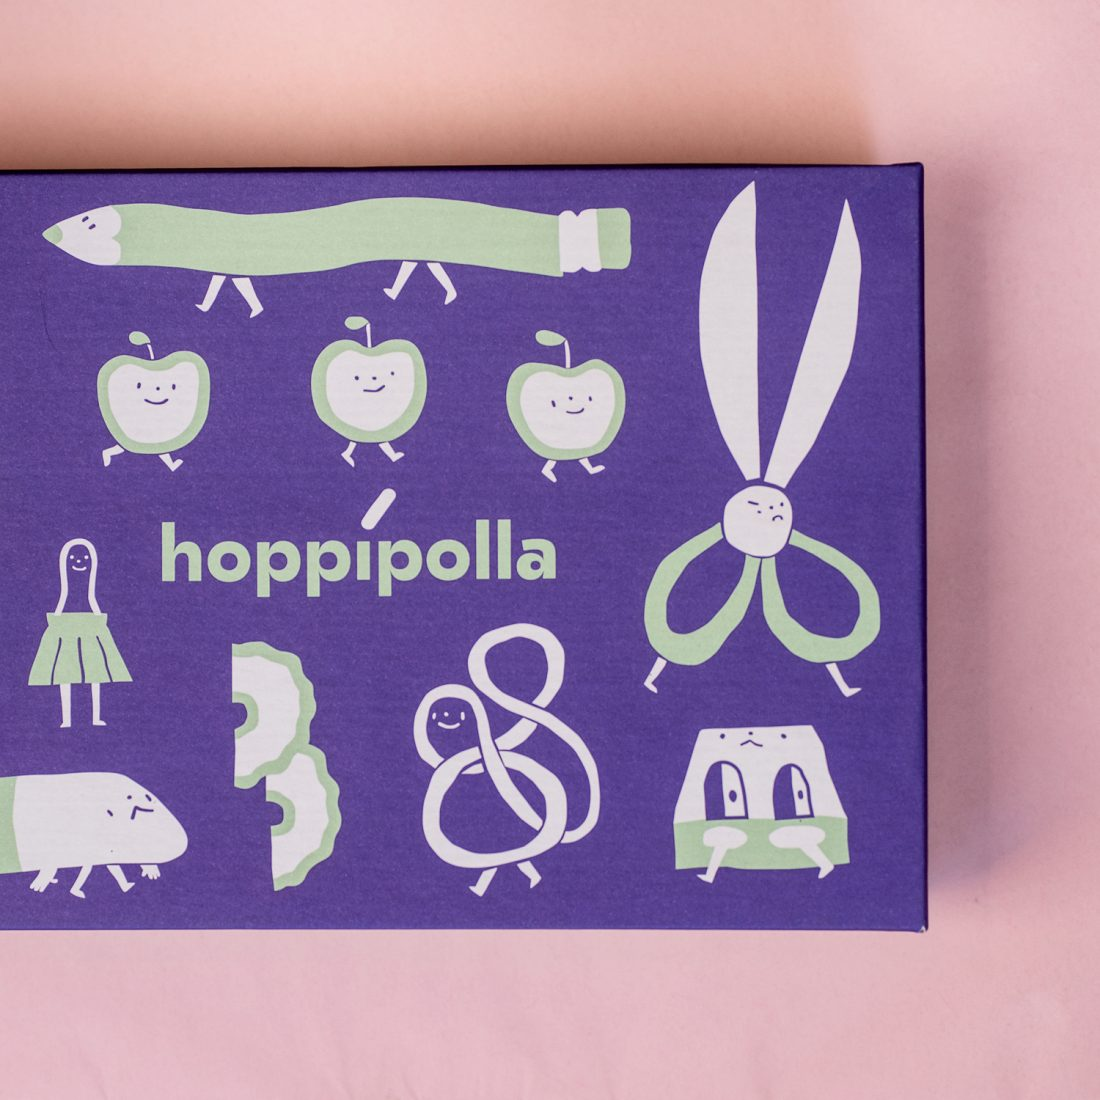 Il set di matite e la scatola illustrata da Simone Razzano per Hoppípolla. Stampa a cura di Printaly